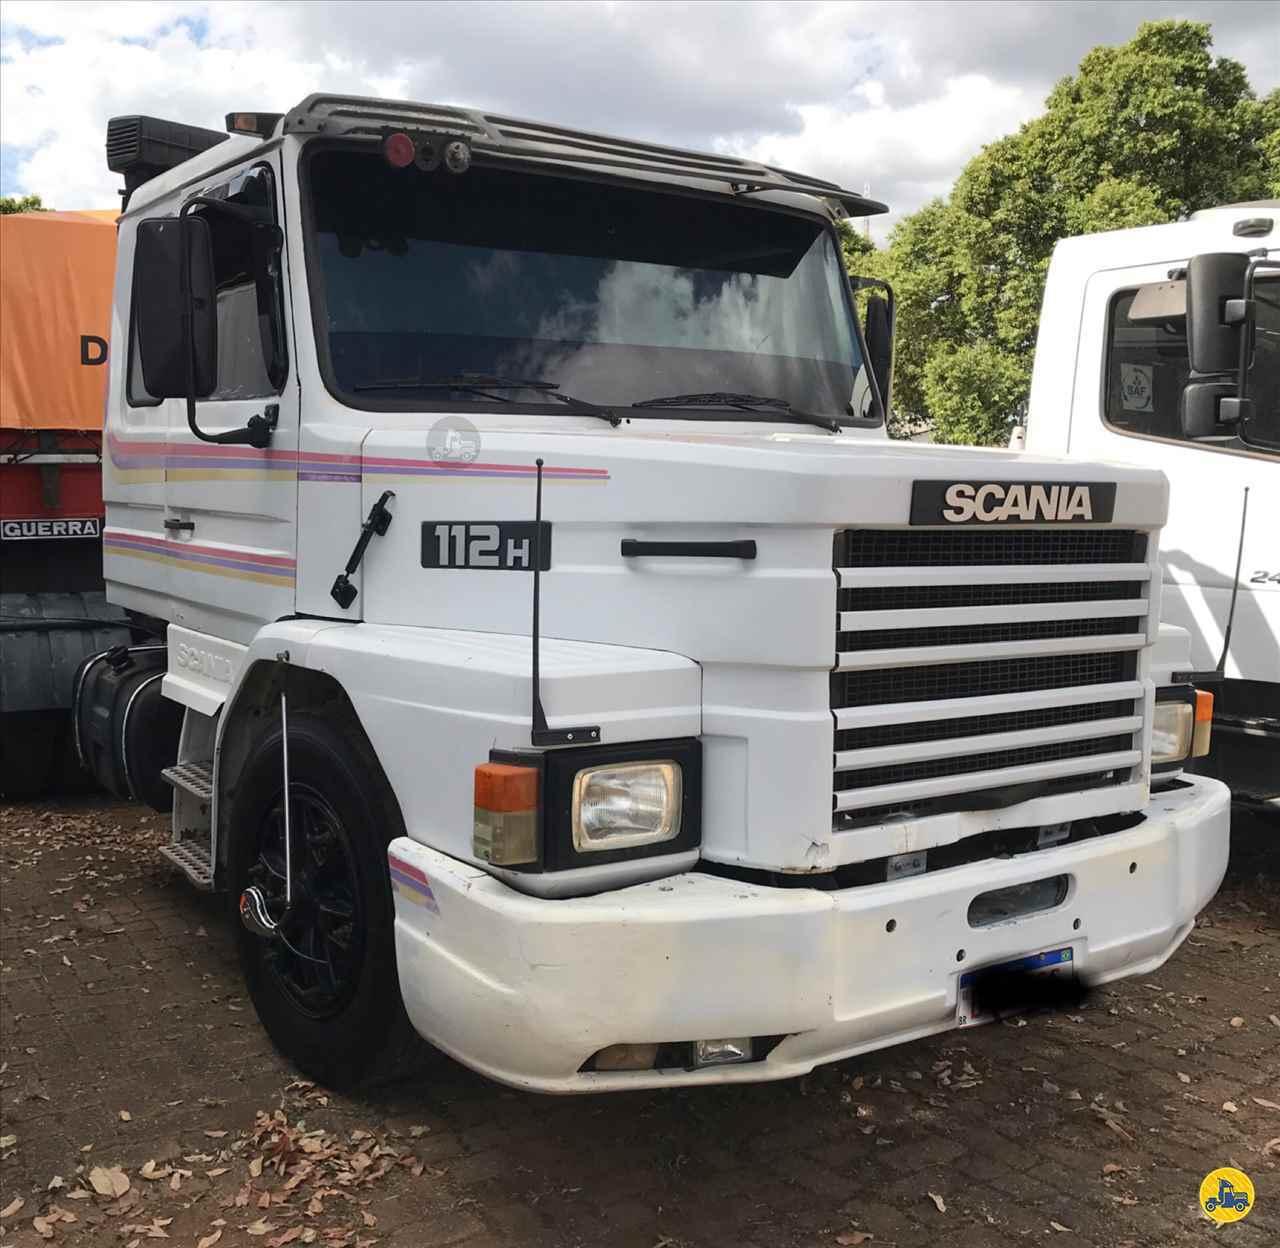 CAMINHAO SCANIA SCANIA 112 320 Carga Seca Truck 6x2 Geraldo Caminhões PATOS DE MINAS MINAS GERAIS MG